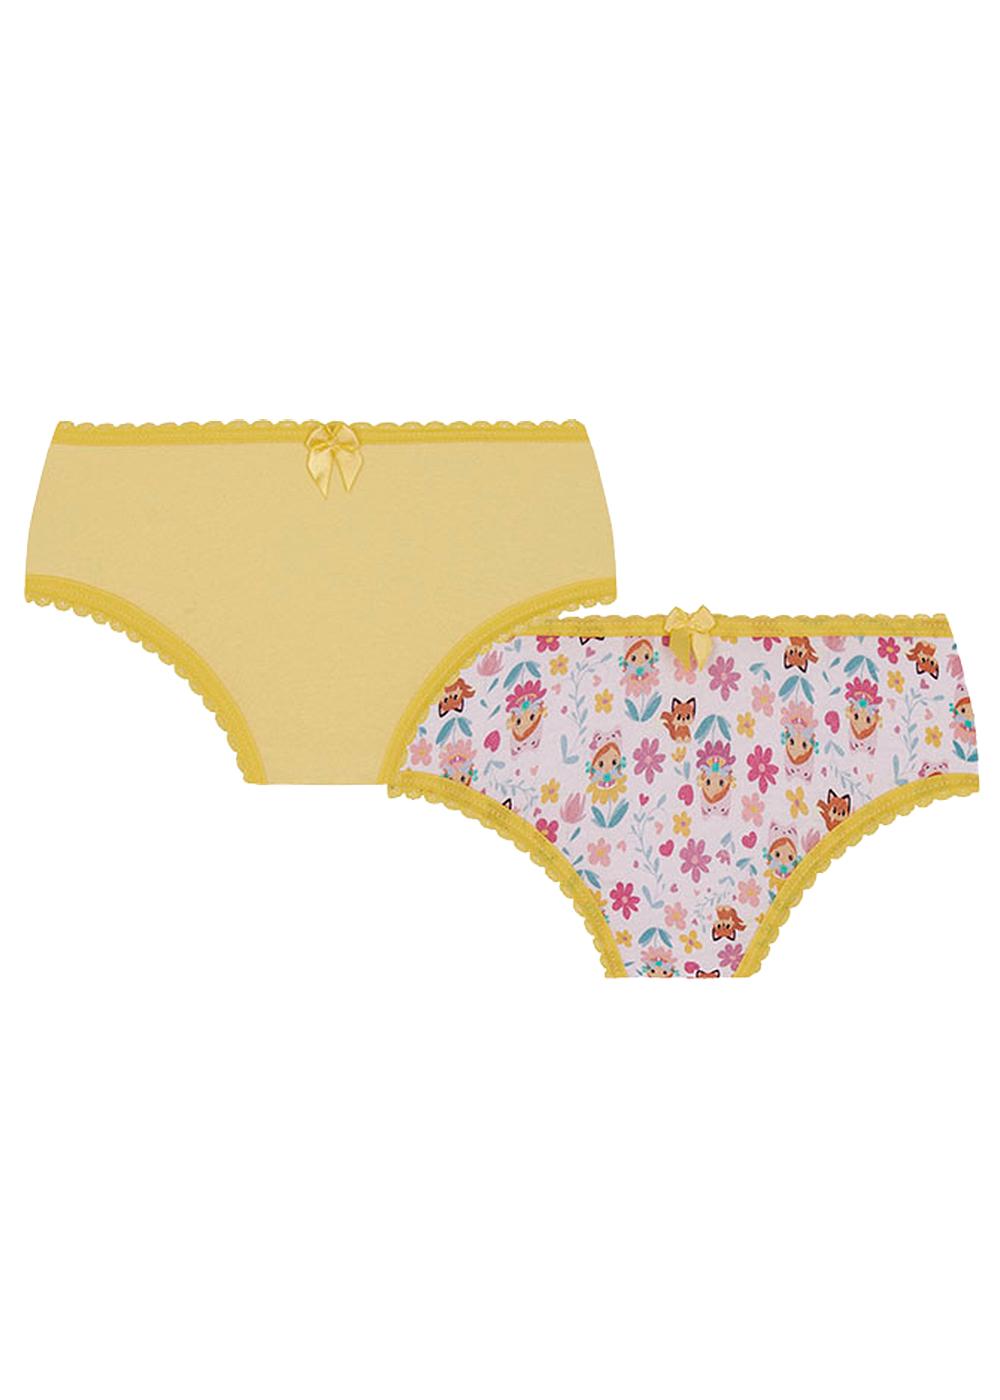 Calcinha Infantil Kit 12 Sortida Lupo